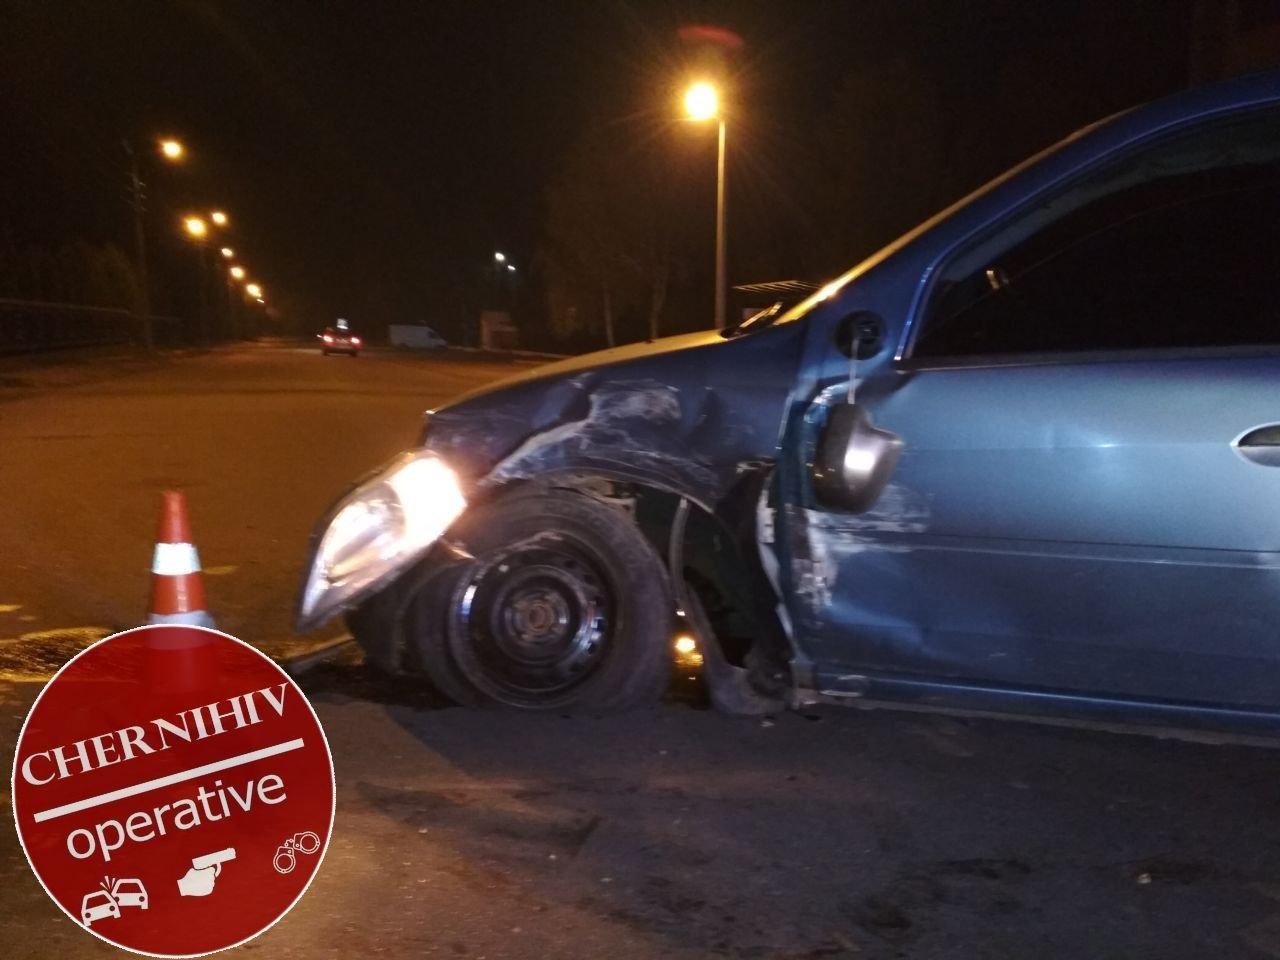 Сбегая от полиции потерял колесо: в Чернигове очередное ДТП, фото-14